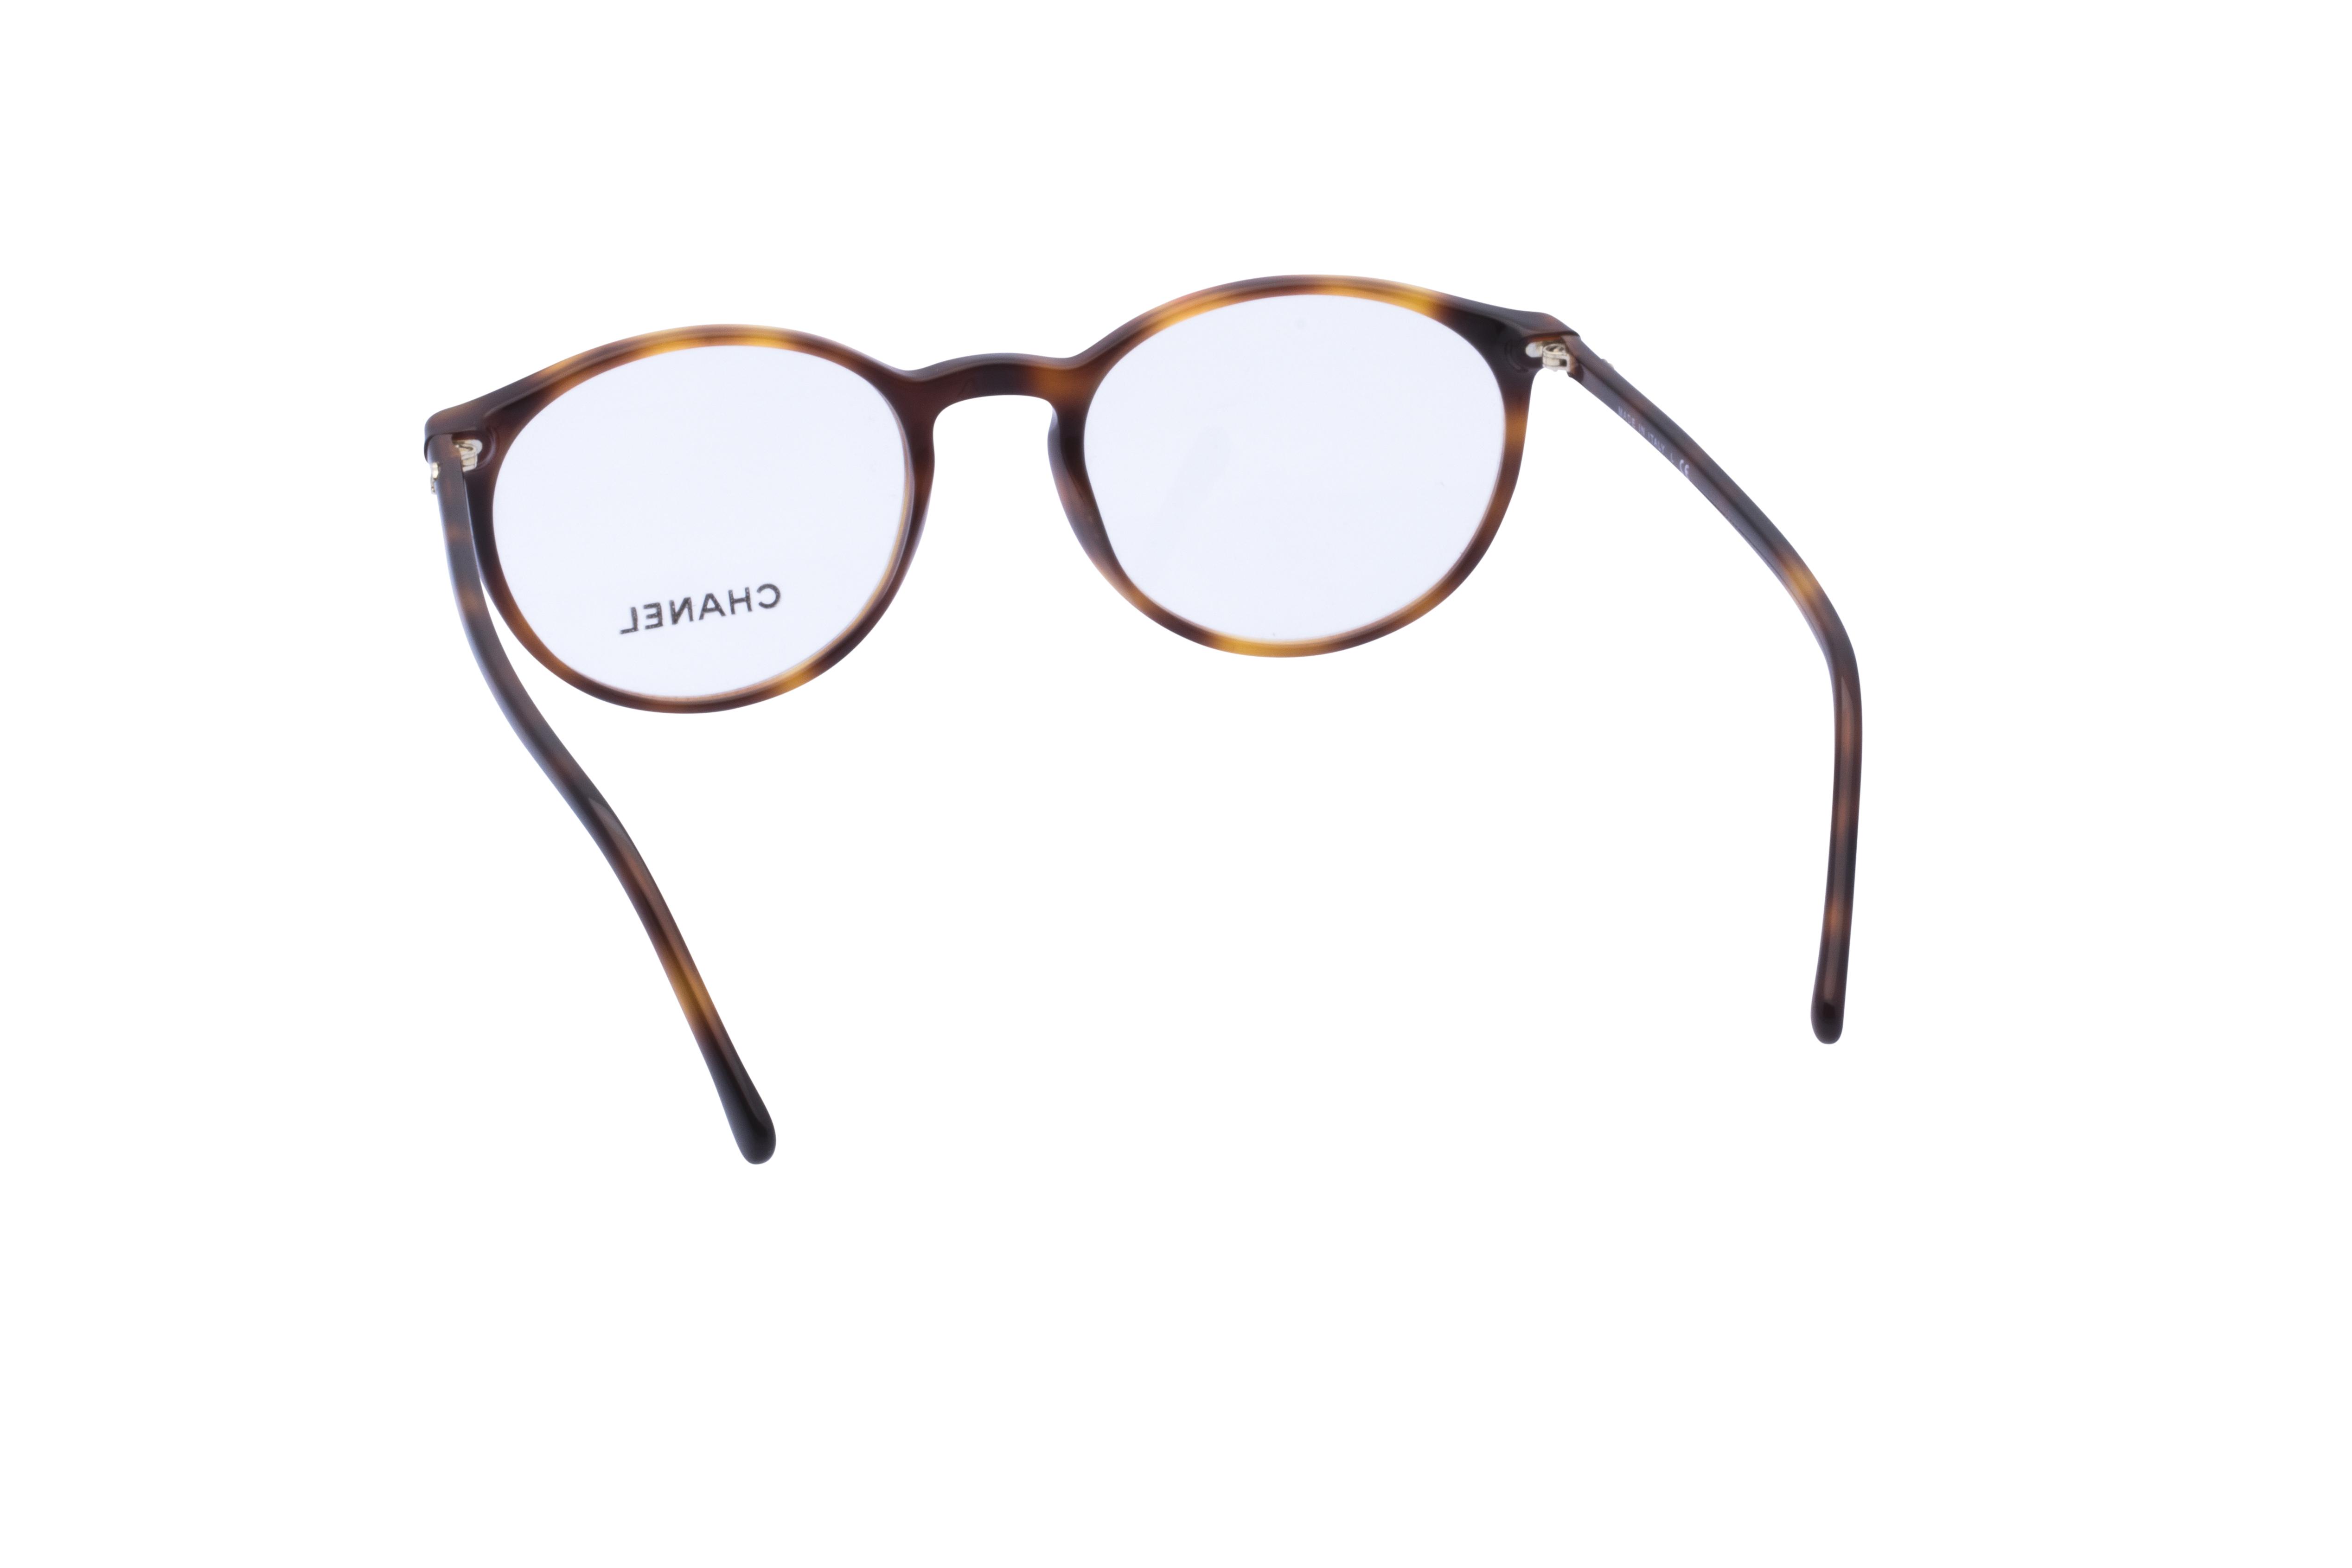 360 Grad Ansicht 13 Chanel 3372 Frontansicht, Brille auf Weiß - Fassung bei KUNK